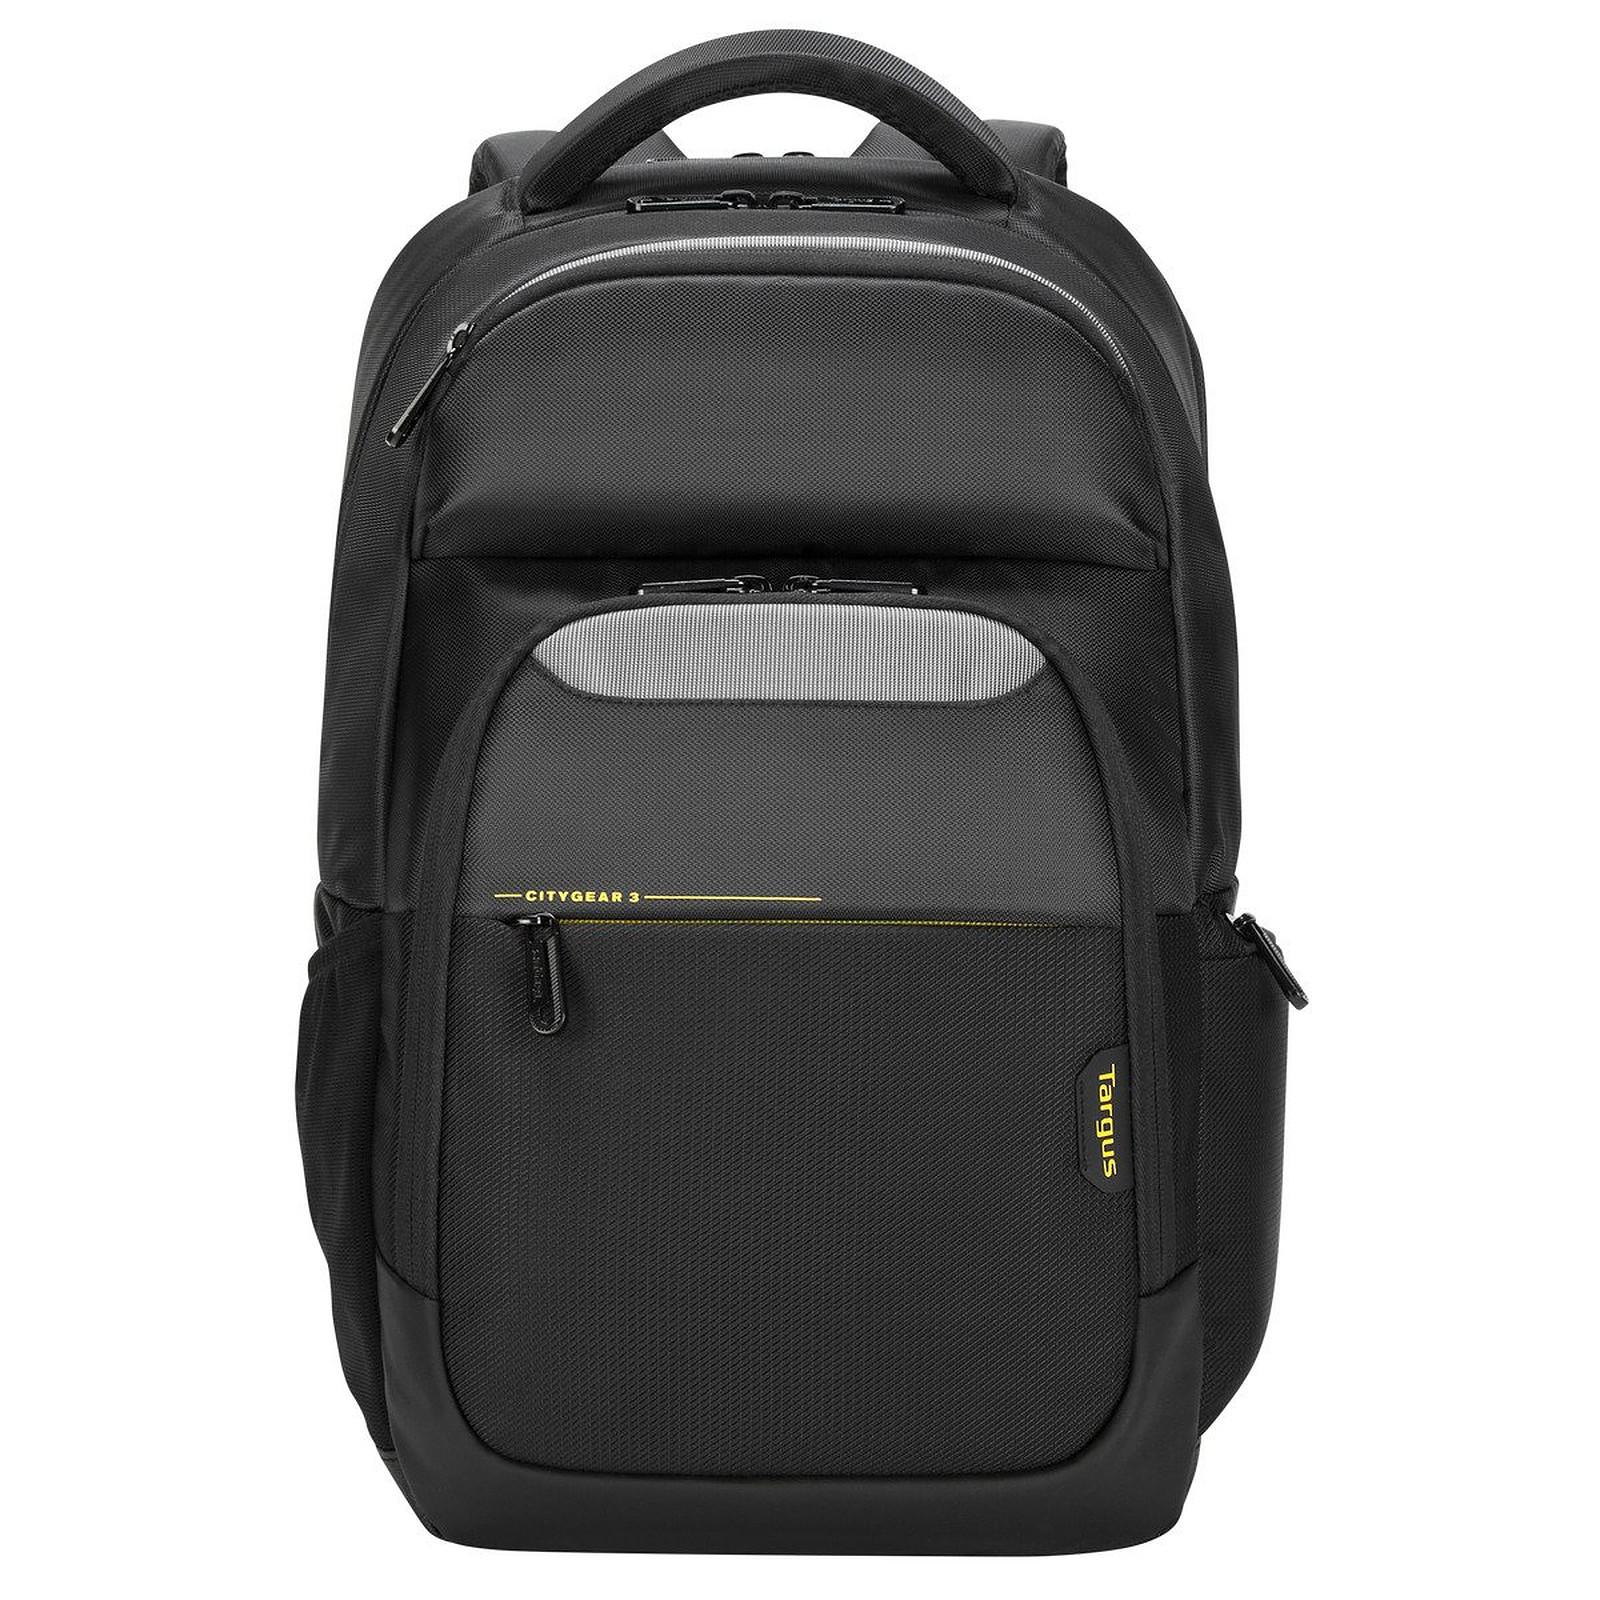 """Targus CityGear 3 Backpack 15.6"""" Noir"""